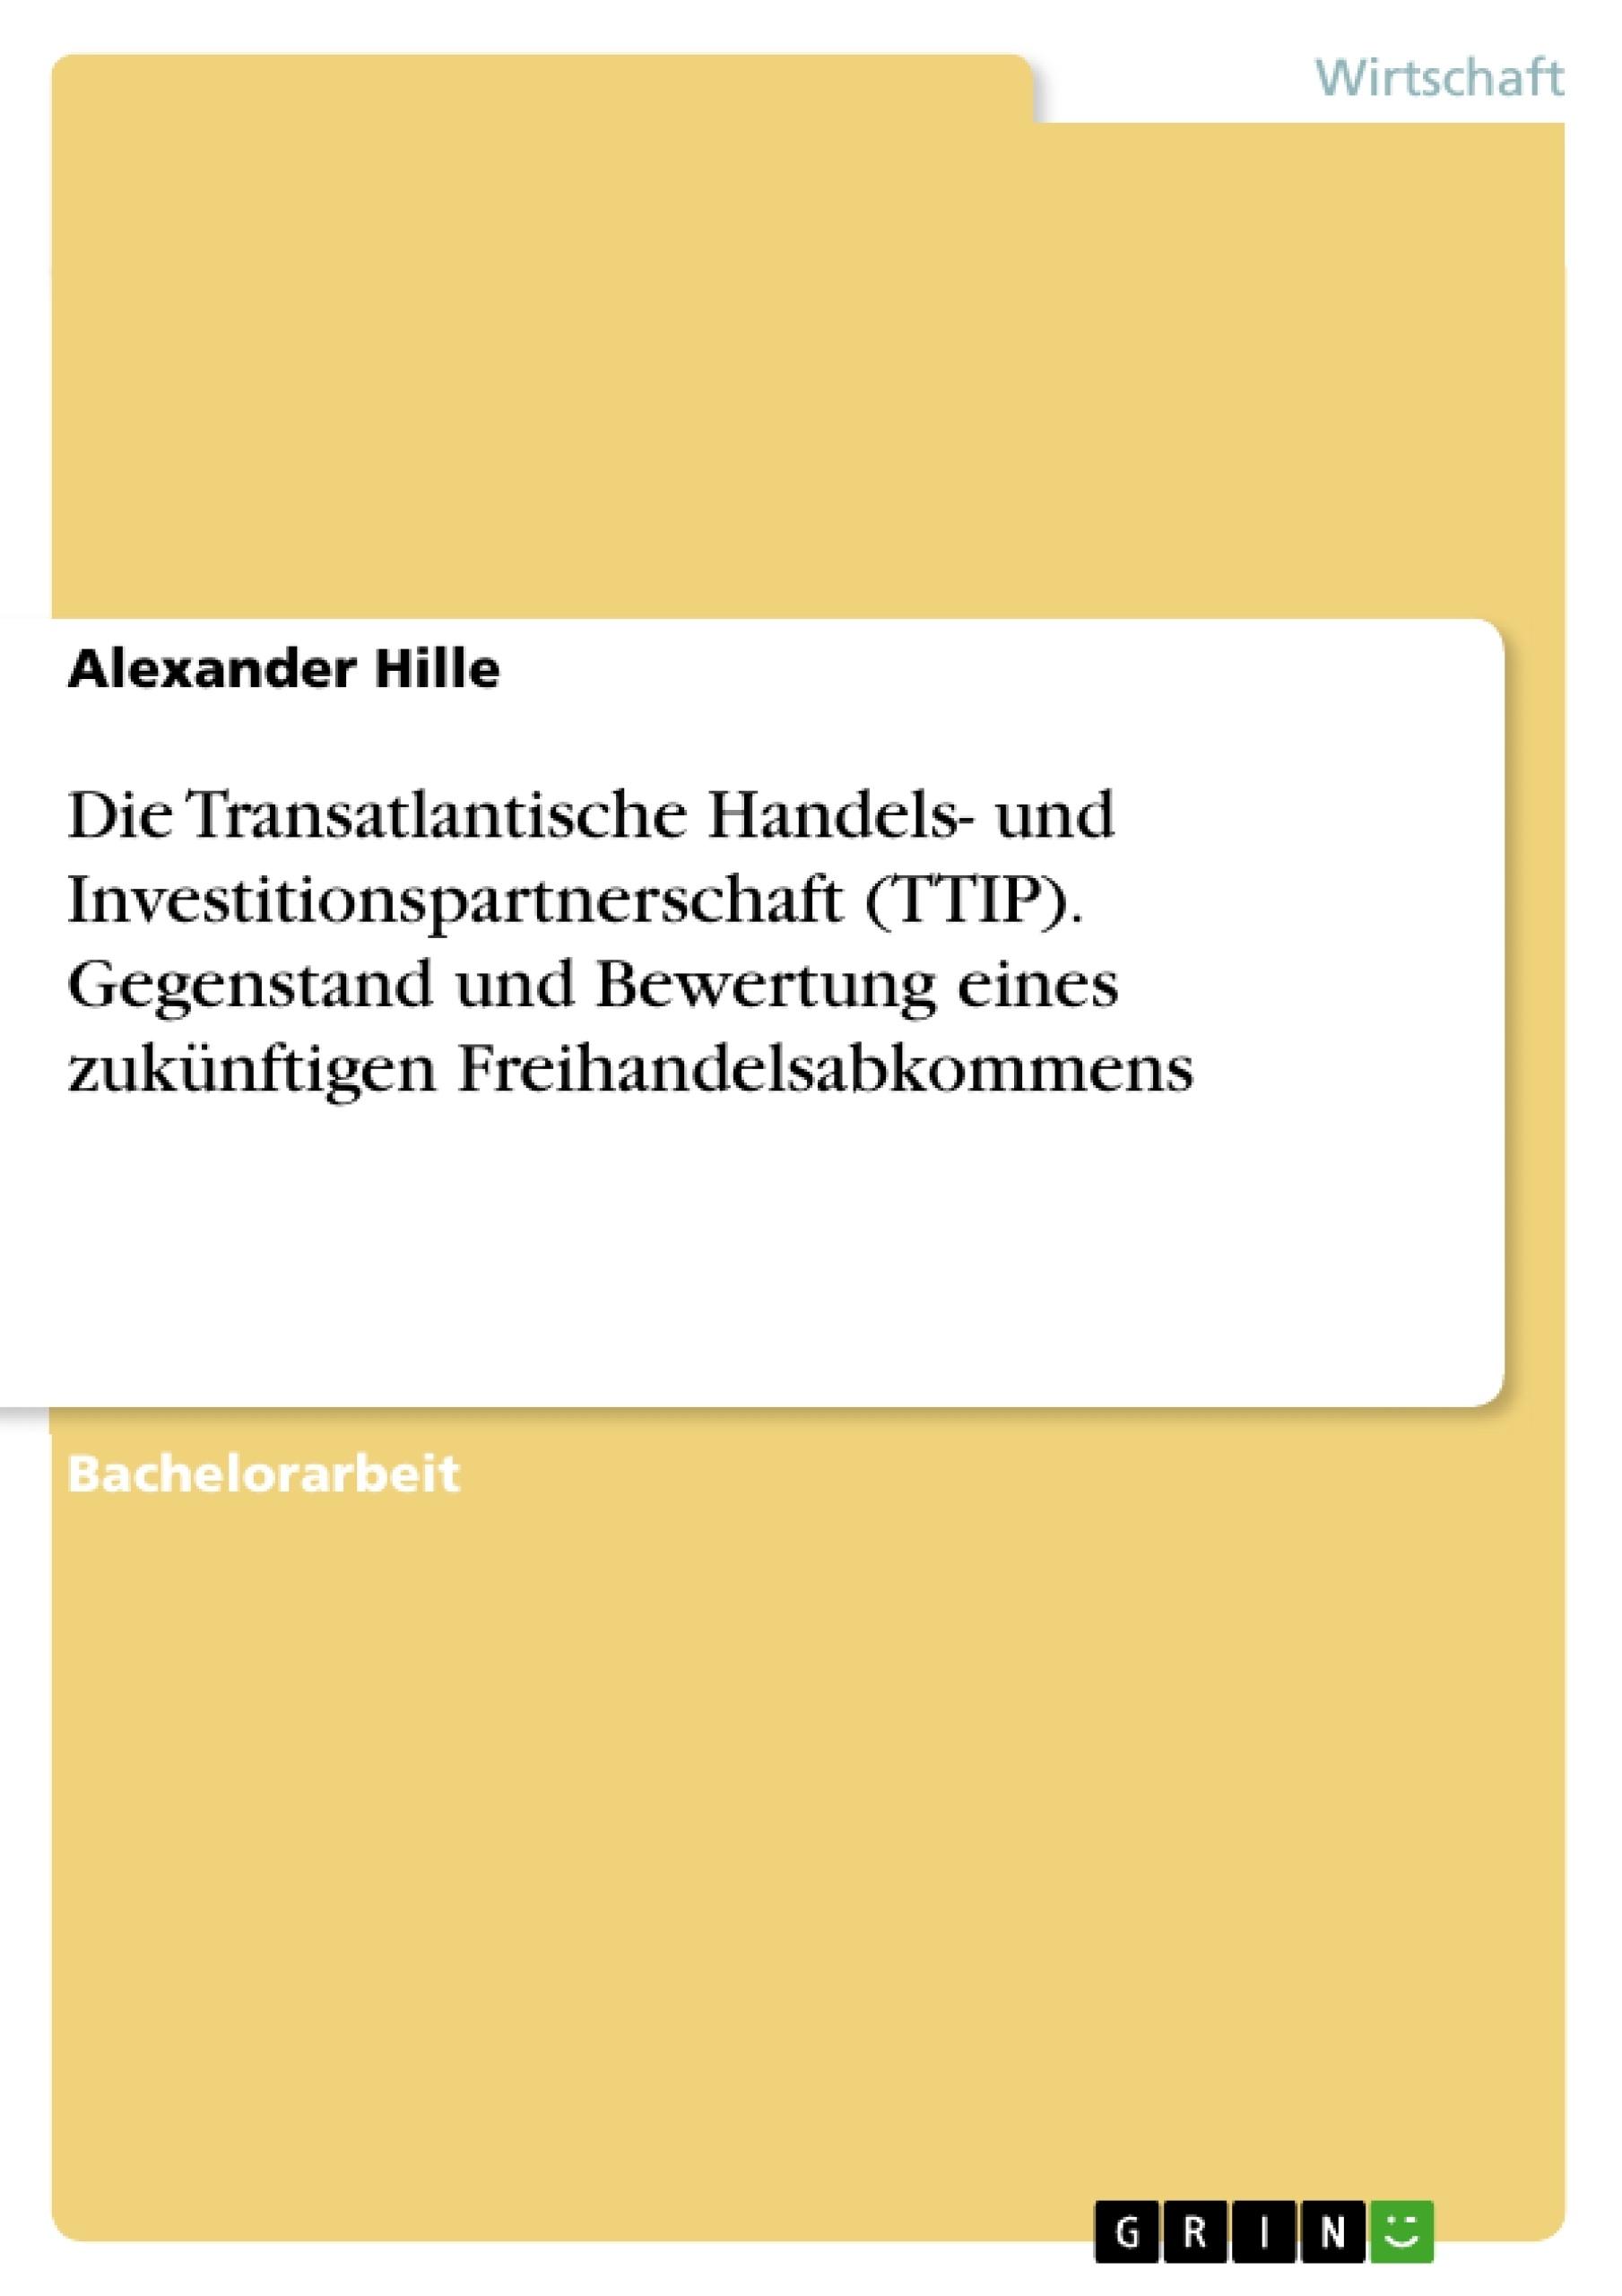 Titel: Die Transatlantische Handels- und Investitionspartnerschaft (TTIP). Gegenstand und Bewertung eines zukünftigen Freihandelsabkommens